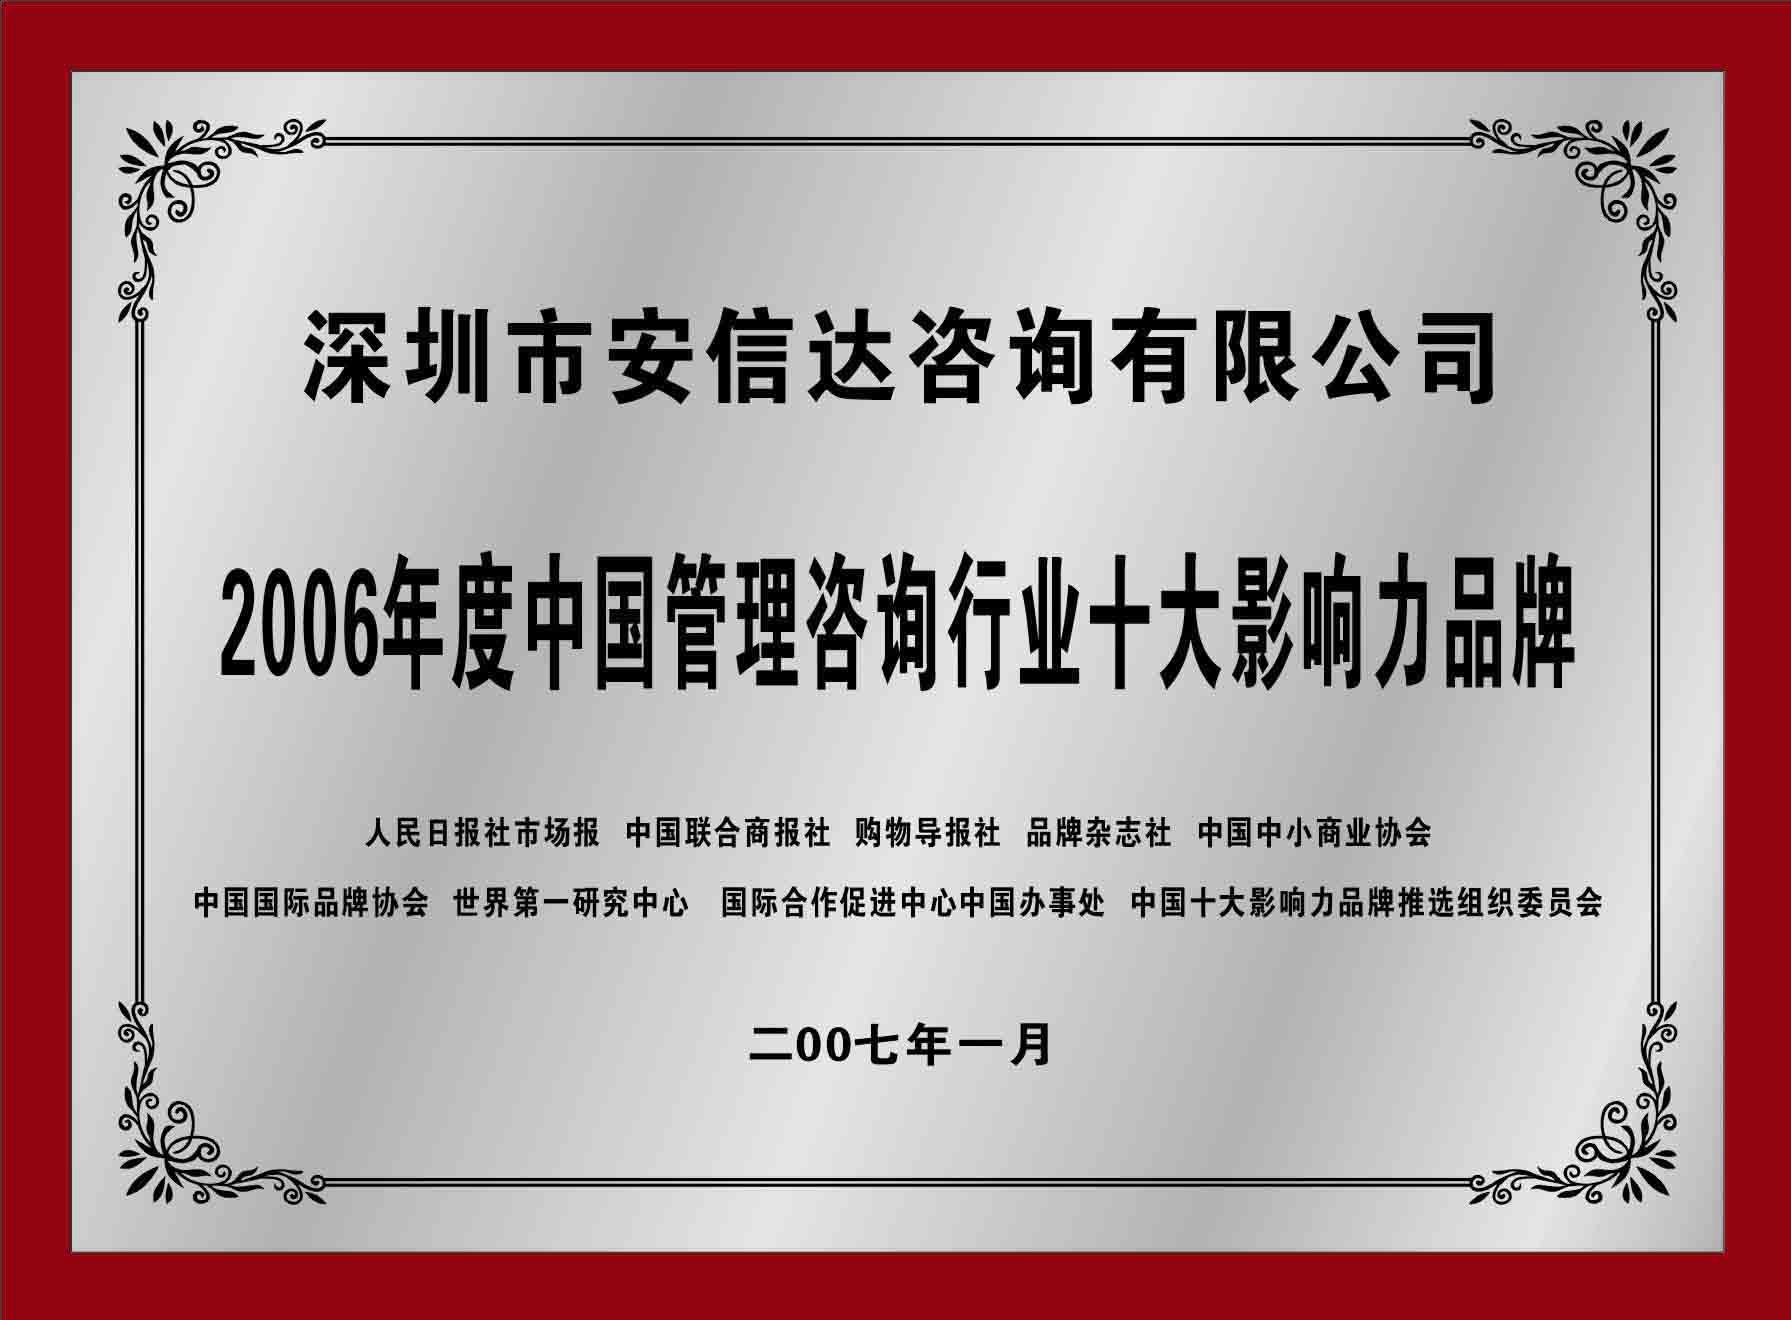 安信达咨询,安信达企业管理咨询机构,深圳安信达咨询